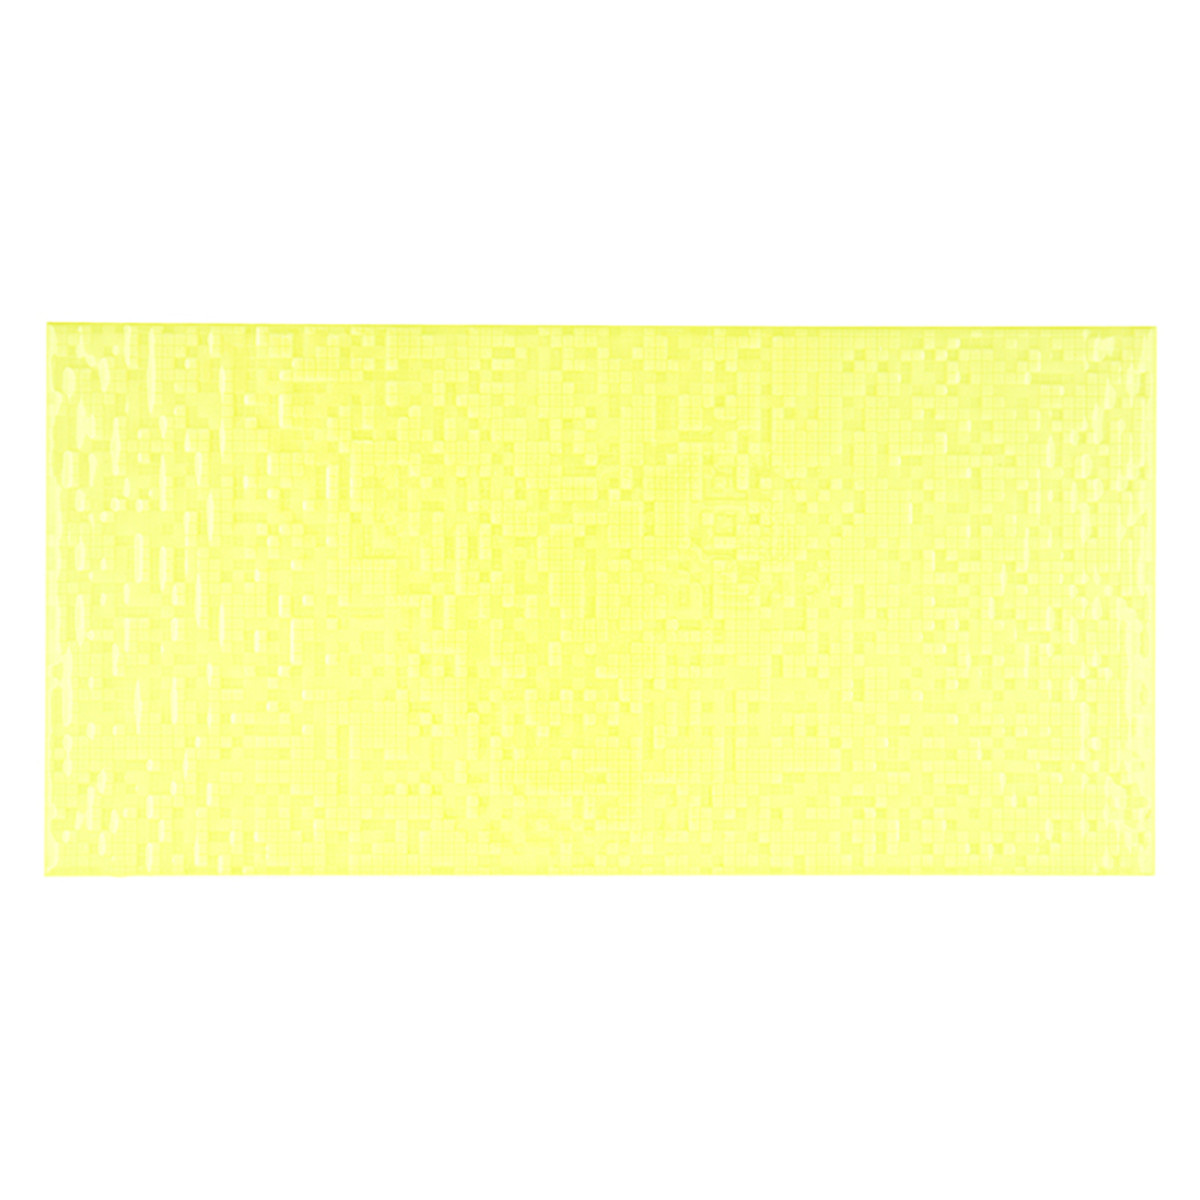 Плитка настенная Фьюжн цвет салатовый 198х398 см 158 м2